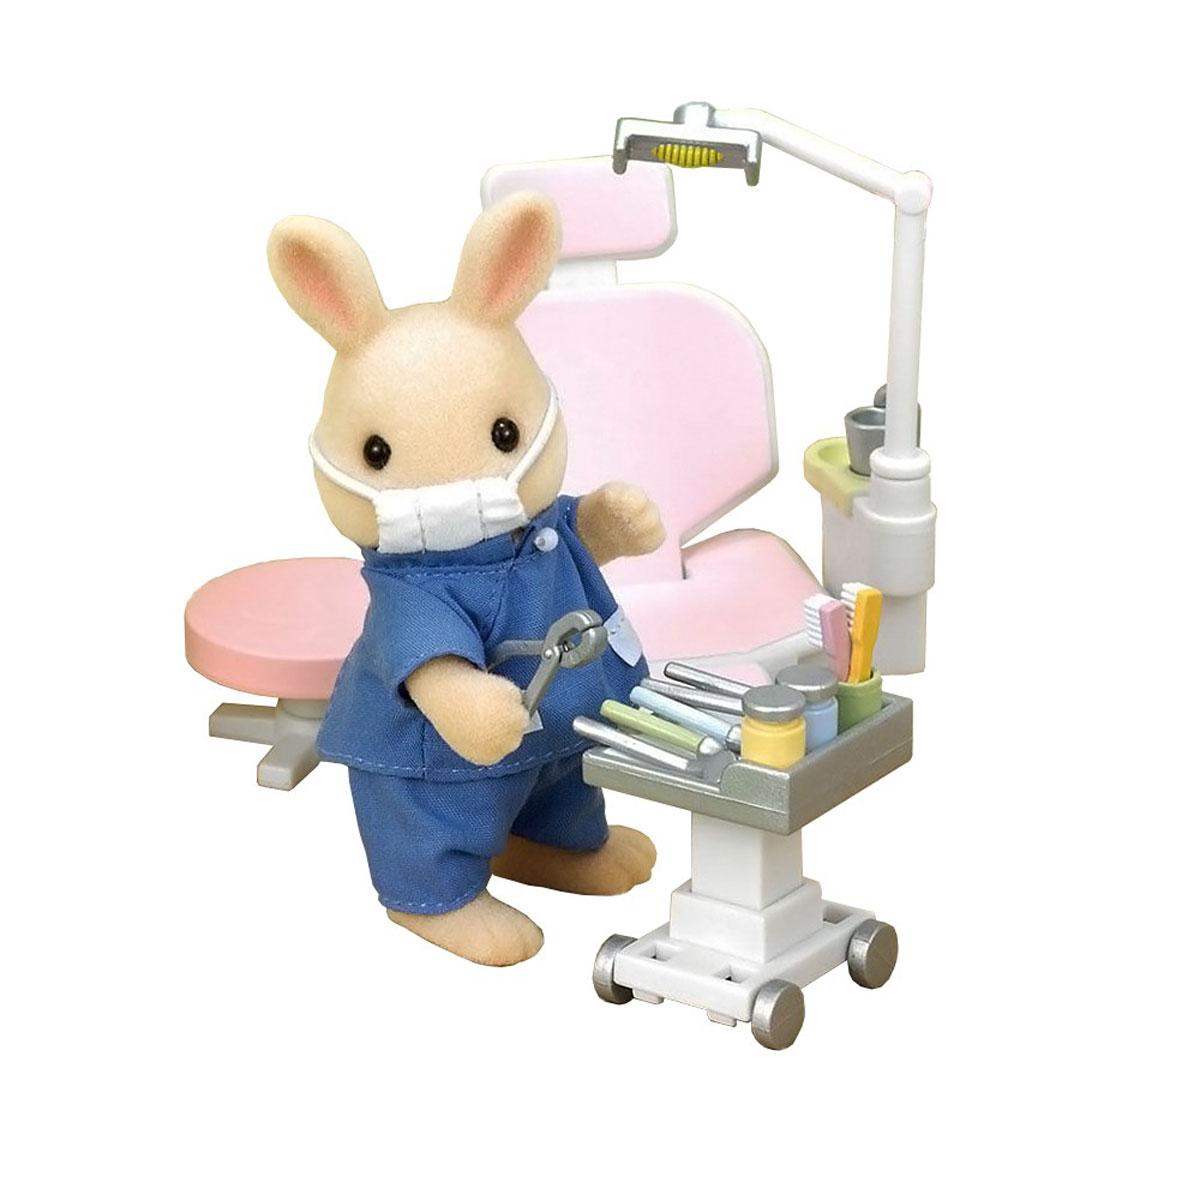 Sylvanian Families Игровой набор Кролик-стоматолог2817Игровой набор Sylvanian Families Кролик-стоматолог привлечет внимание вашей малышки и не позволит ей скучать. Набор включает в себя фигурку кролика, стоматологическое кресло, тележку, пуфик, а также медицинские инструменты и медикаменты. Фигурки выполнены из пластика и покрыты мягким приятным на ощупь флоком. Ваша малышка будет часами играть с набором, придумывая различные истории. Sylvanian Families - это целый мир маленьких жителей, объединенных общей легендой. Жители страны Sylvanian Families - это кролики, белки, медведи, лисы и многие другие. У каждого из них есть дом, в котором есть все необходимое для счастливой жизни. В городе, где живут герои, есть школа, больница, рынок, пекарня, детский сад и множество других полезных объектов. Жители этой страны живут семьями, в каждой из которой есть дети. В домах Sylvanian Families царит уют и гармония. Домашние животные радуют хозяев. Здесь продумана каждая мелочь, от одежды до мебели и...